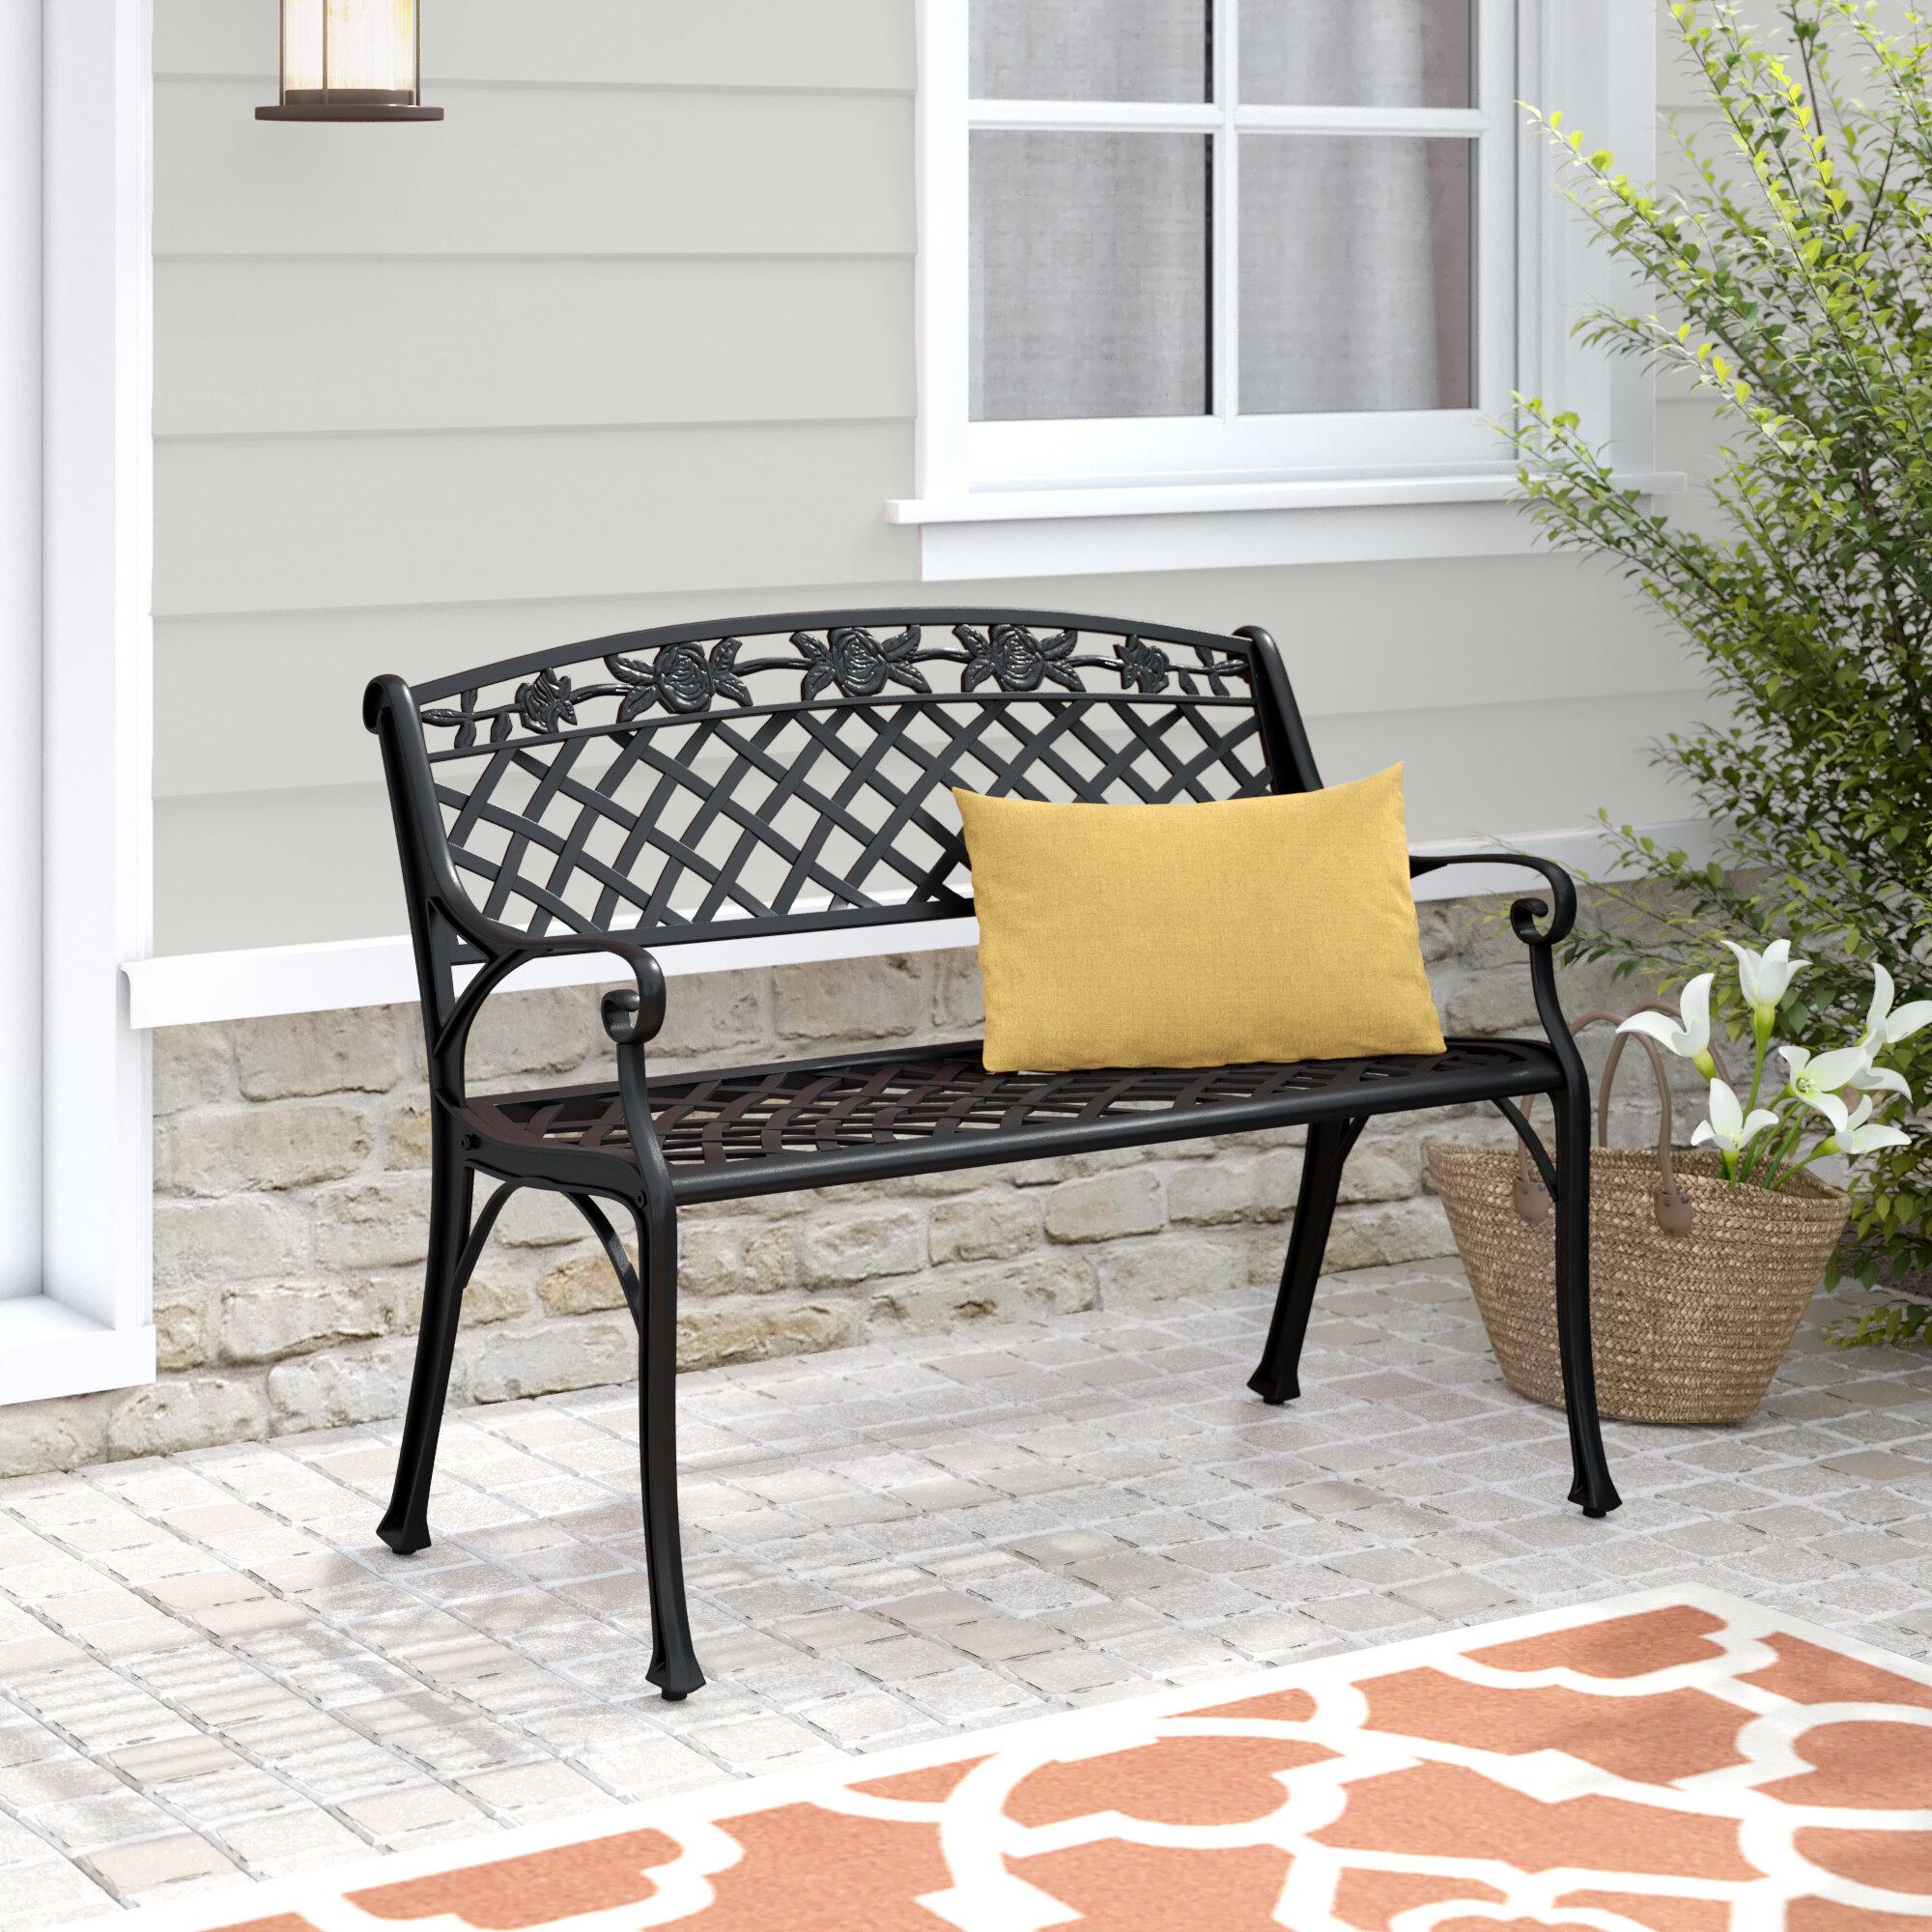 Hollander Metal Garden Bench Pertaining To Cavin Garden Benches (View 19 of 25)